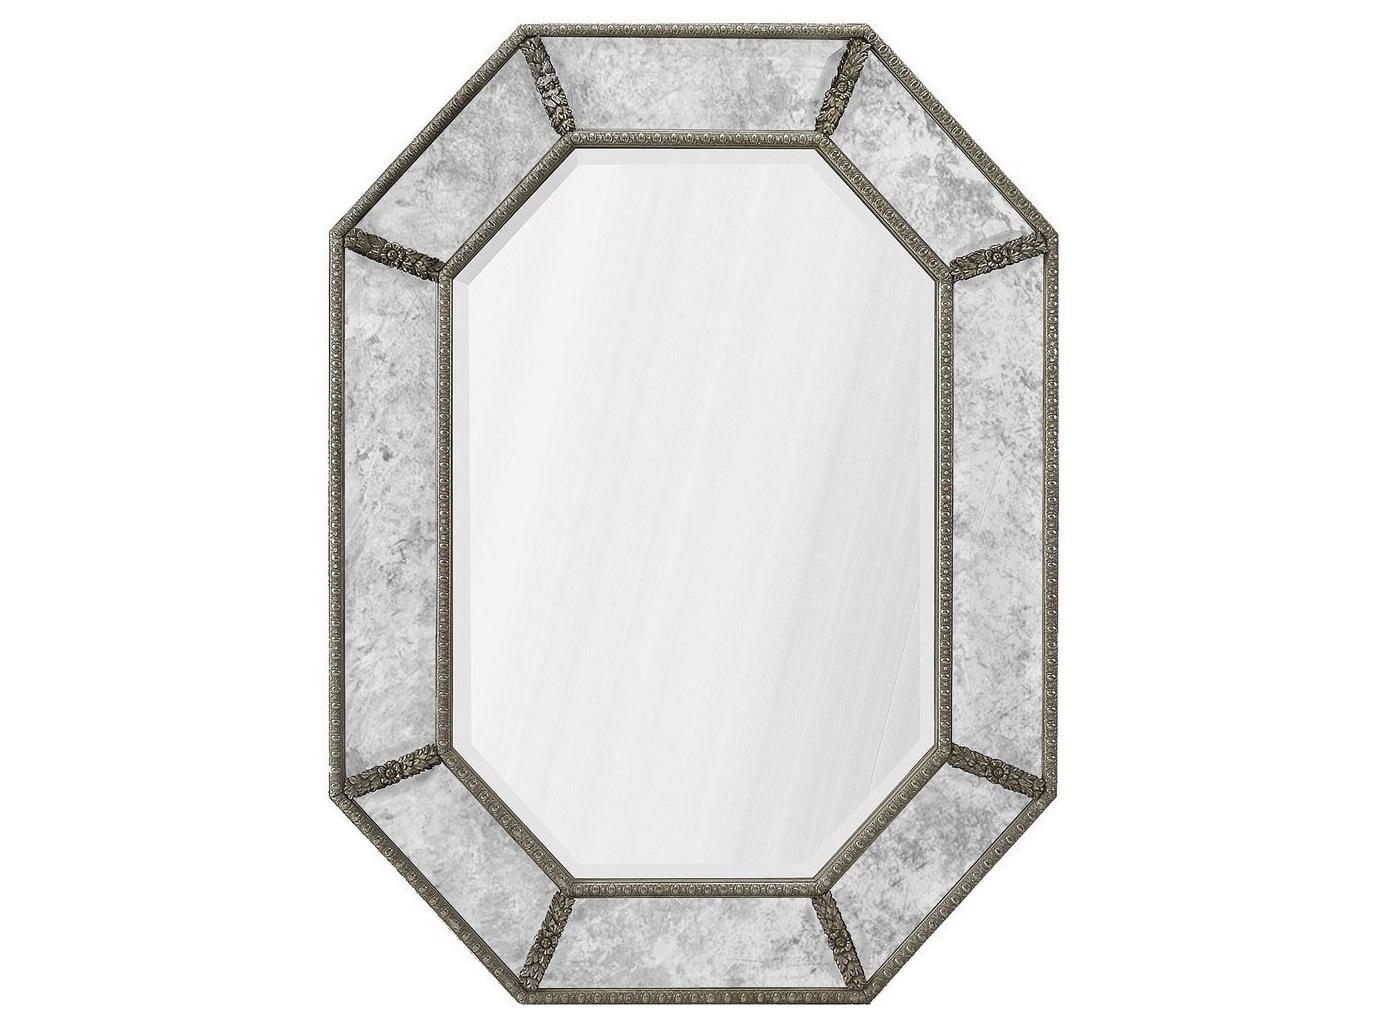 Зеркало НьюпортНастенные зеркала<br><br><br>Material: Пластик<br>Ширина см: 90<br>Высота см: 120<br>Глубина см: 4